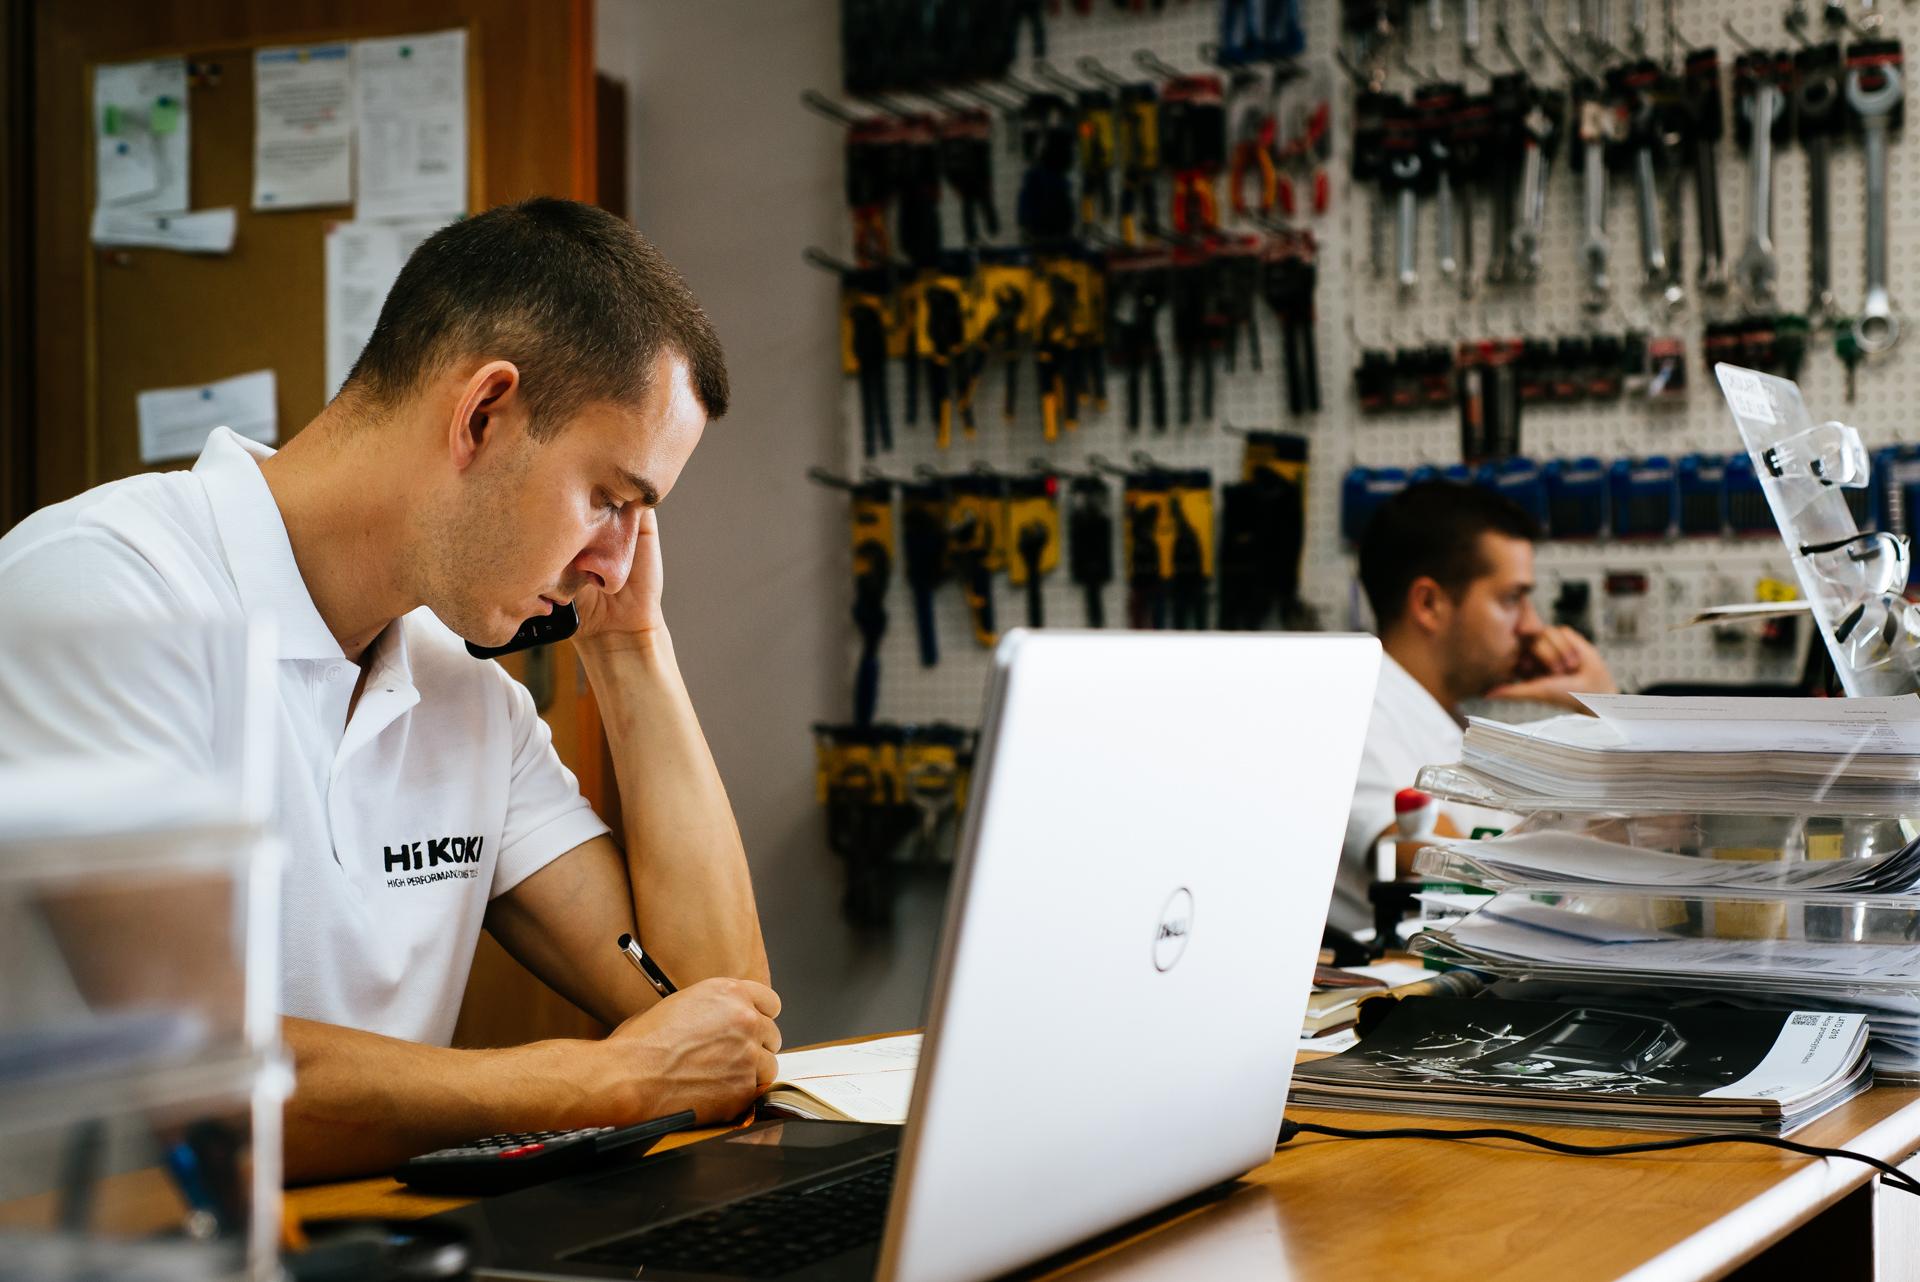 Biznesowa sesja zdjęciowa dla firmy OKRUCH narzędzia, zrealizowana w całości w Bordnicy, w województwie kujawsko-pomorskim